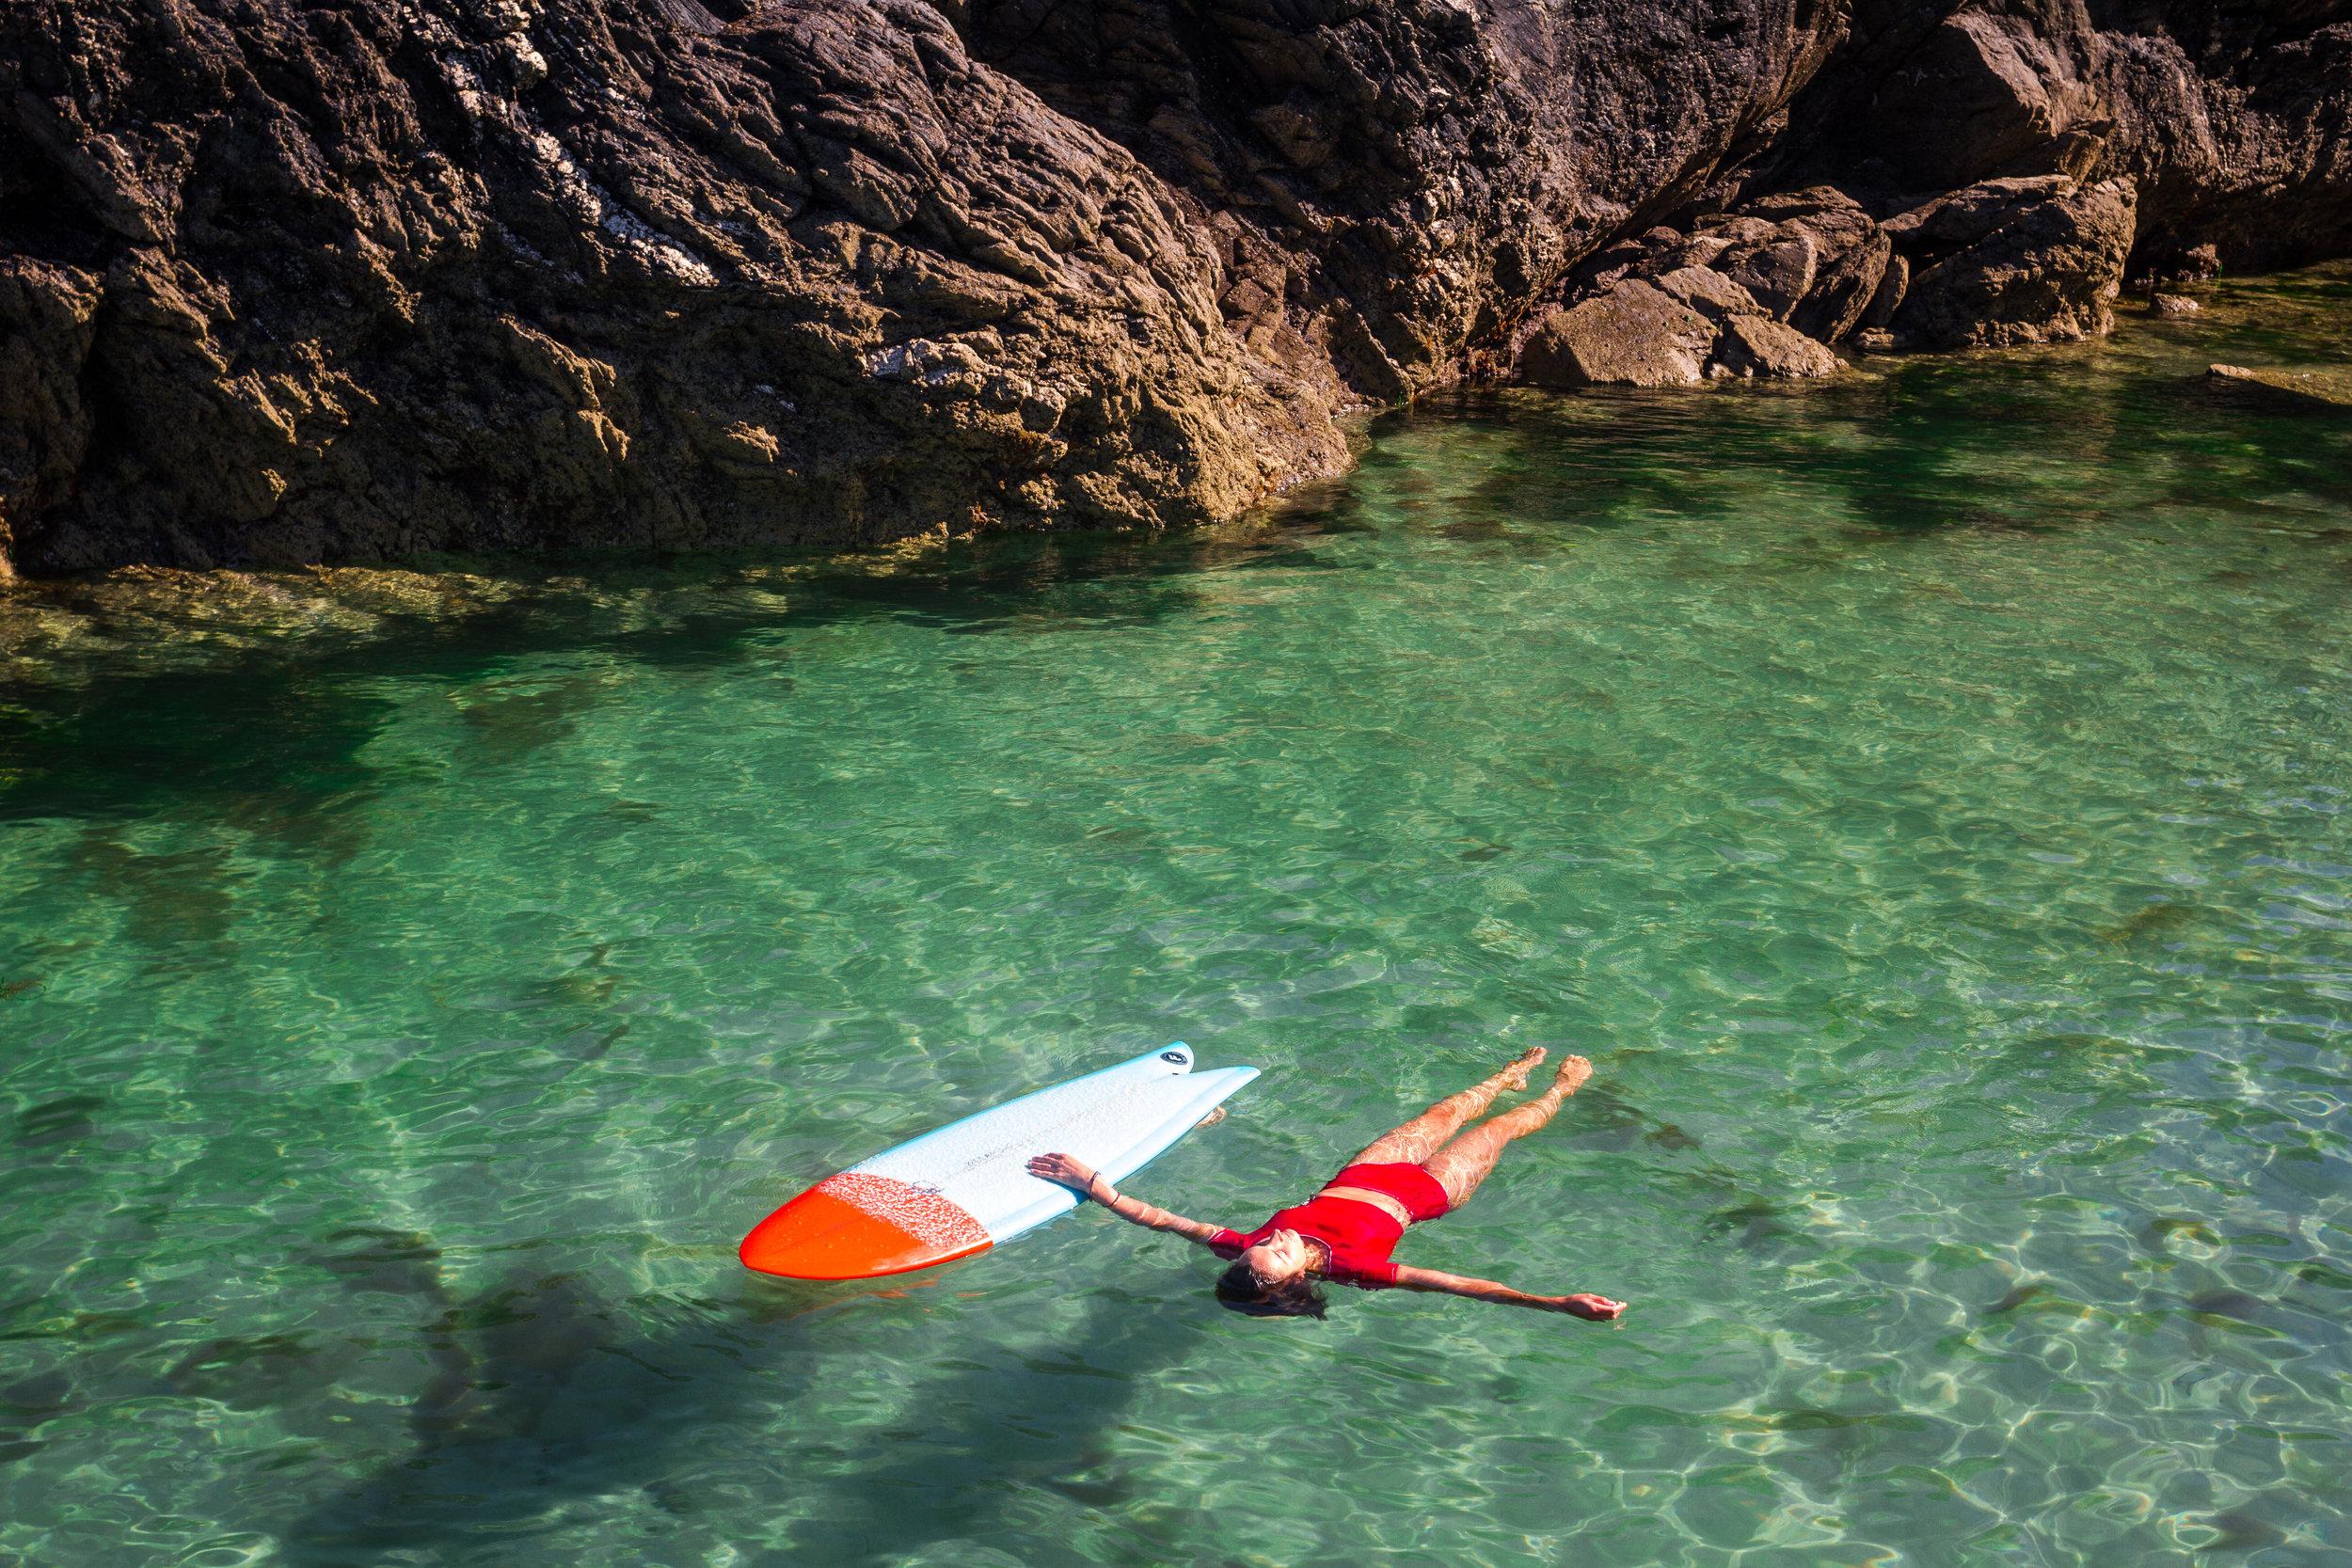 - Email: e.fraser-bell@hotmail.comInstagram: emmafraserbellFacebook: For She The Sea